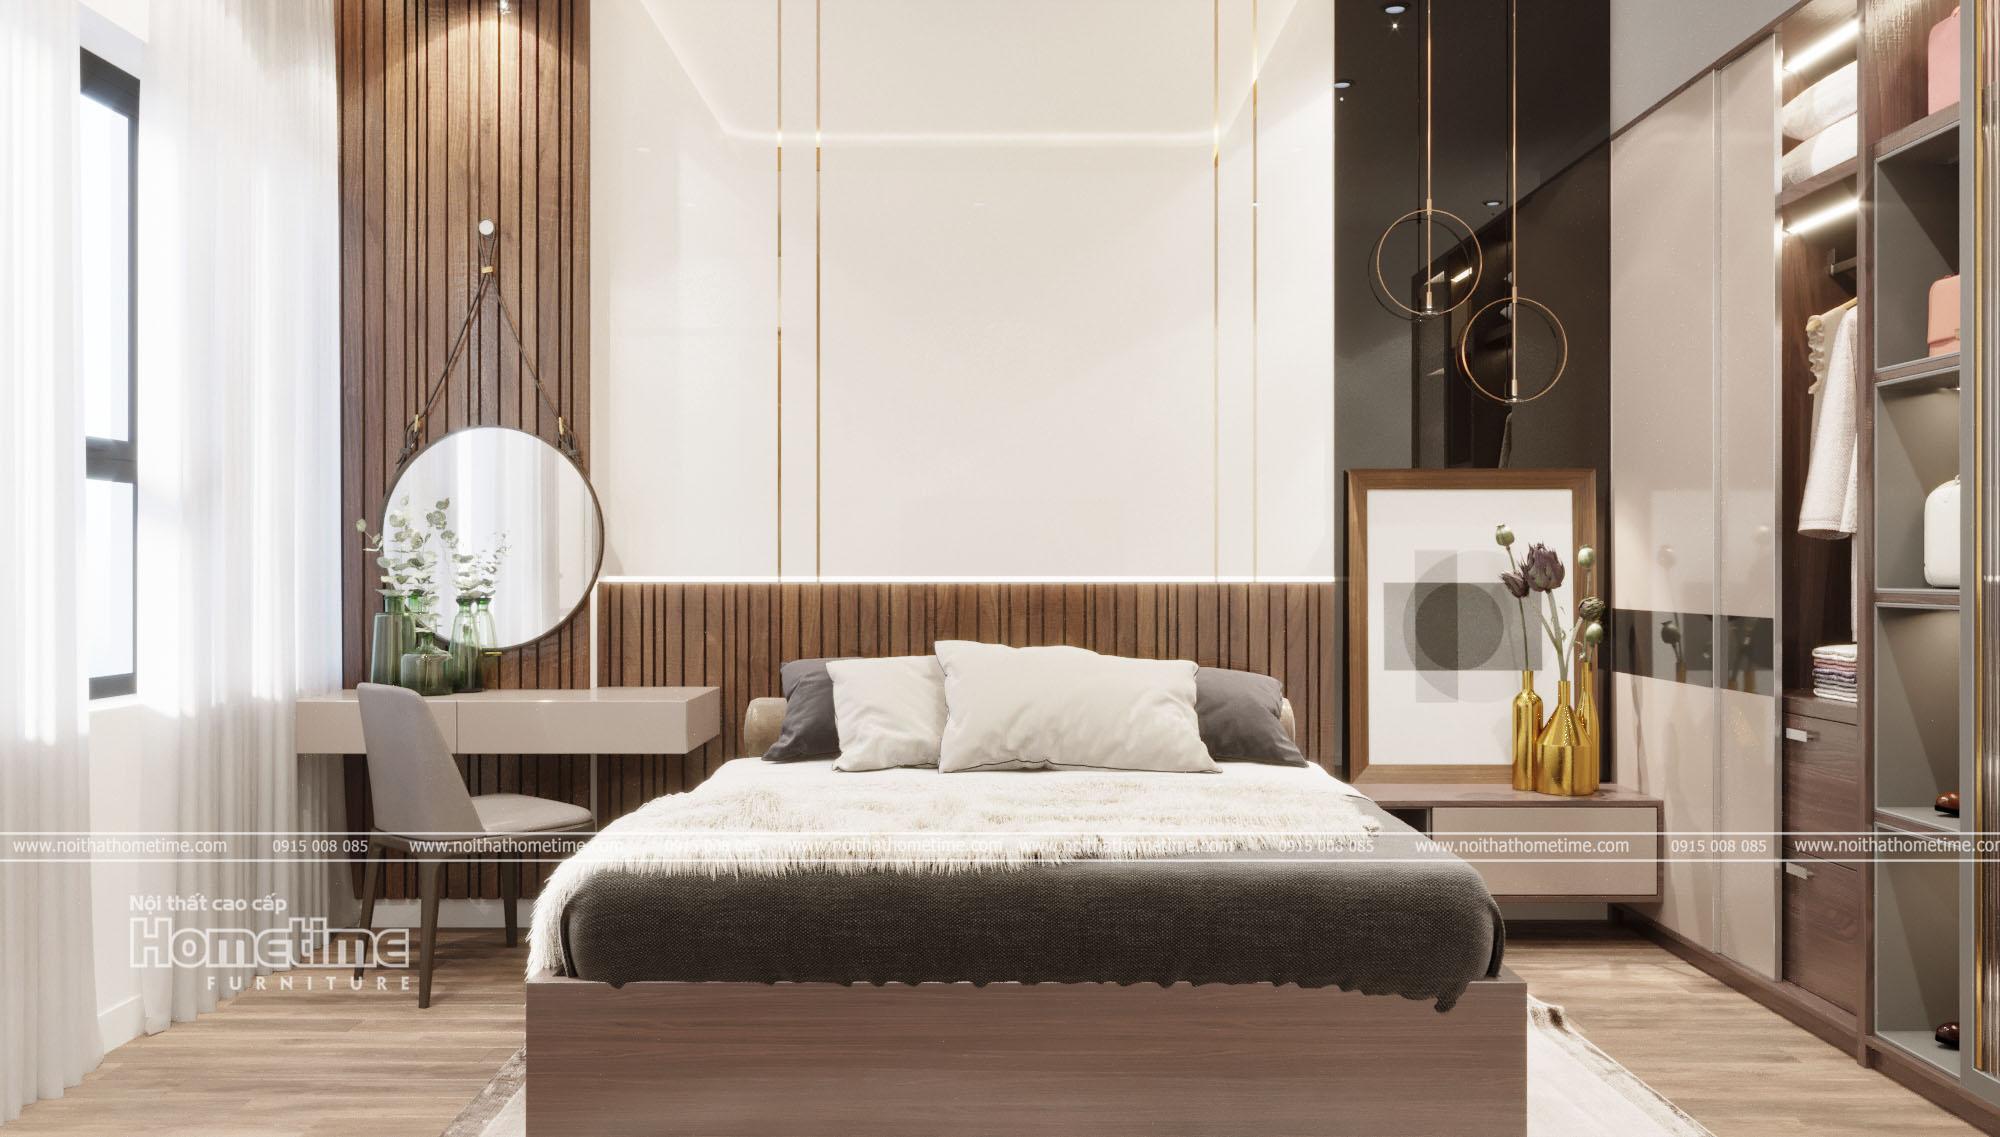 Hình ảnh tổng quan về chiếc phòng ngủ